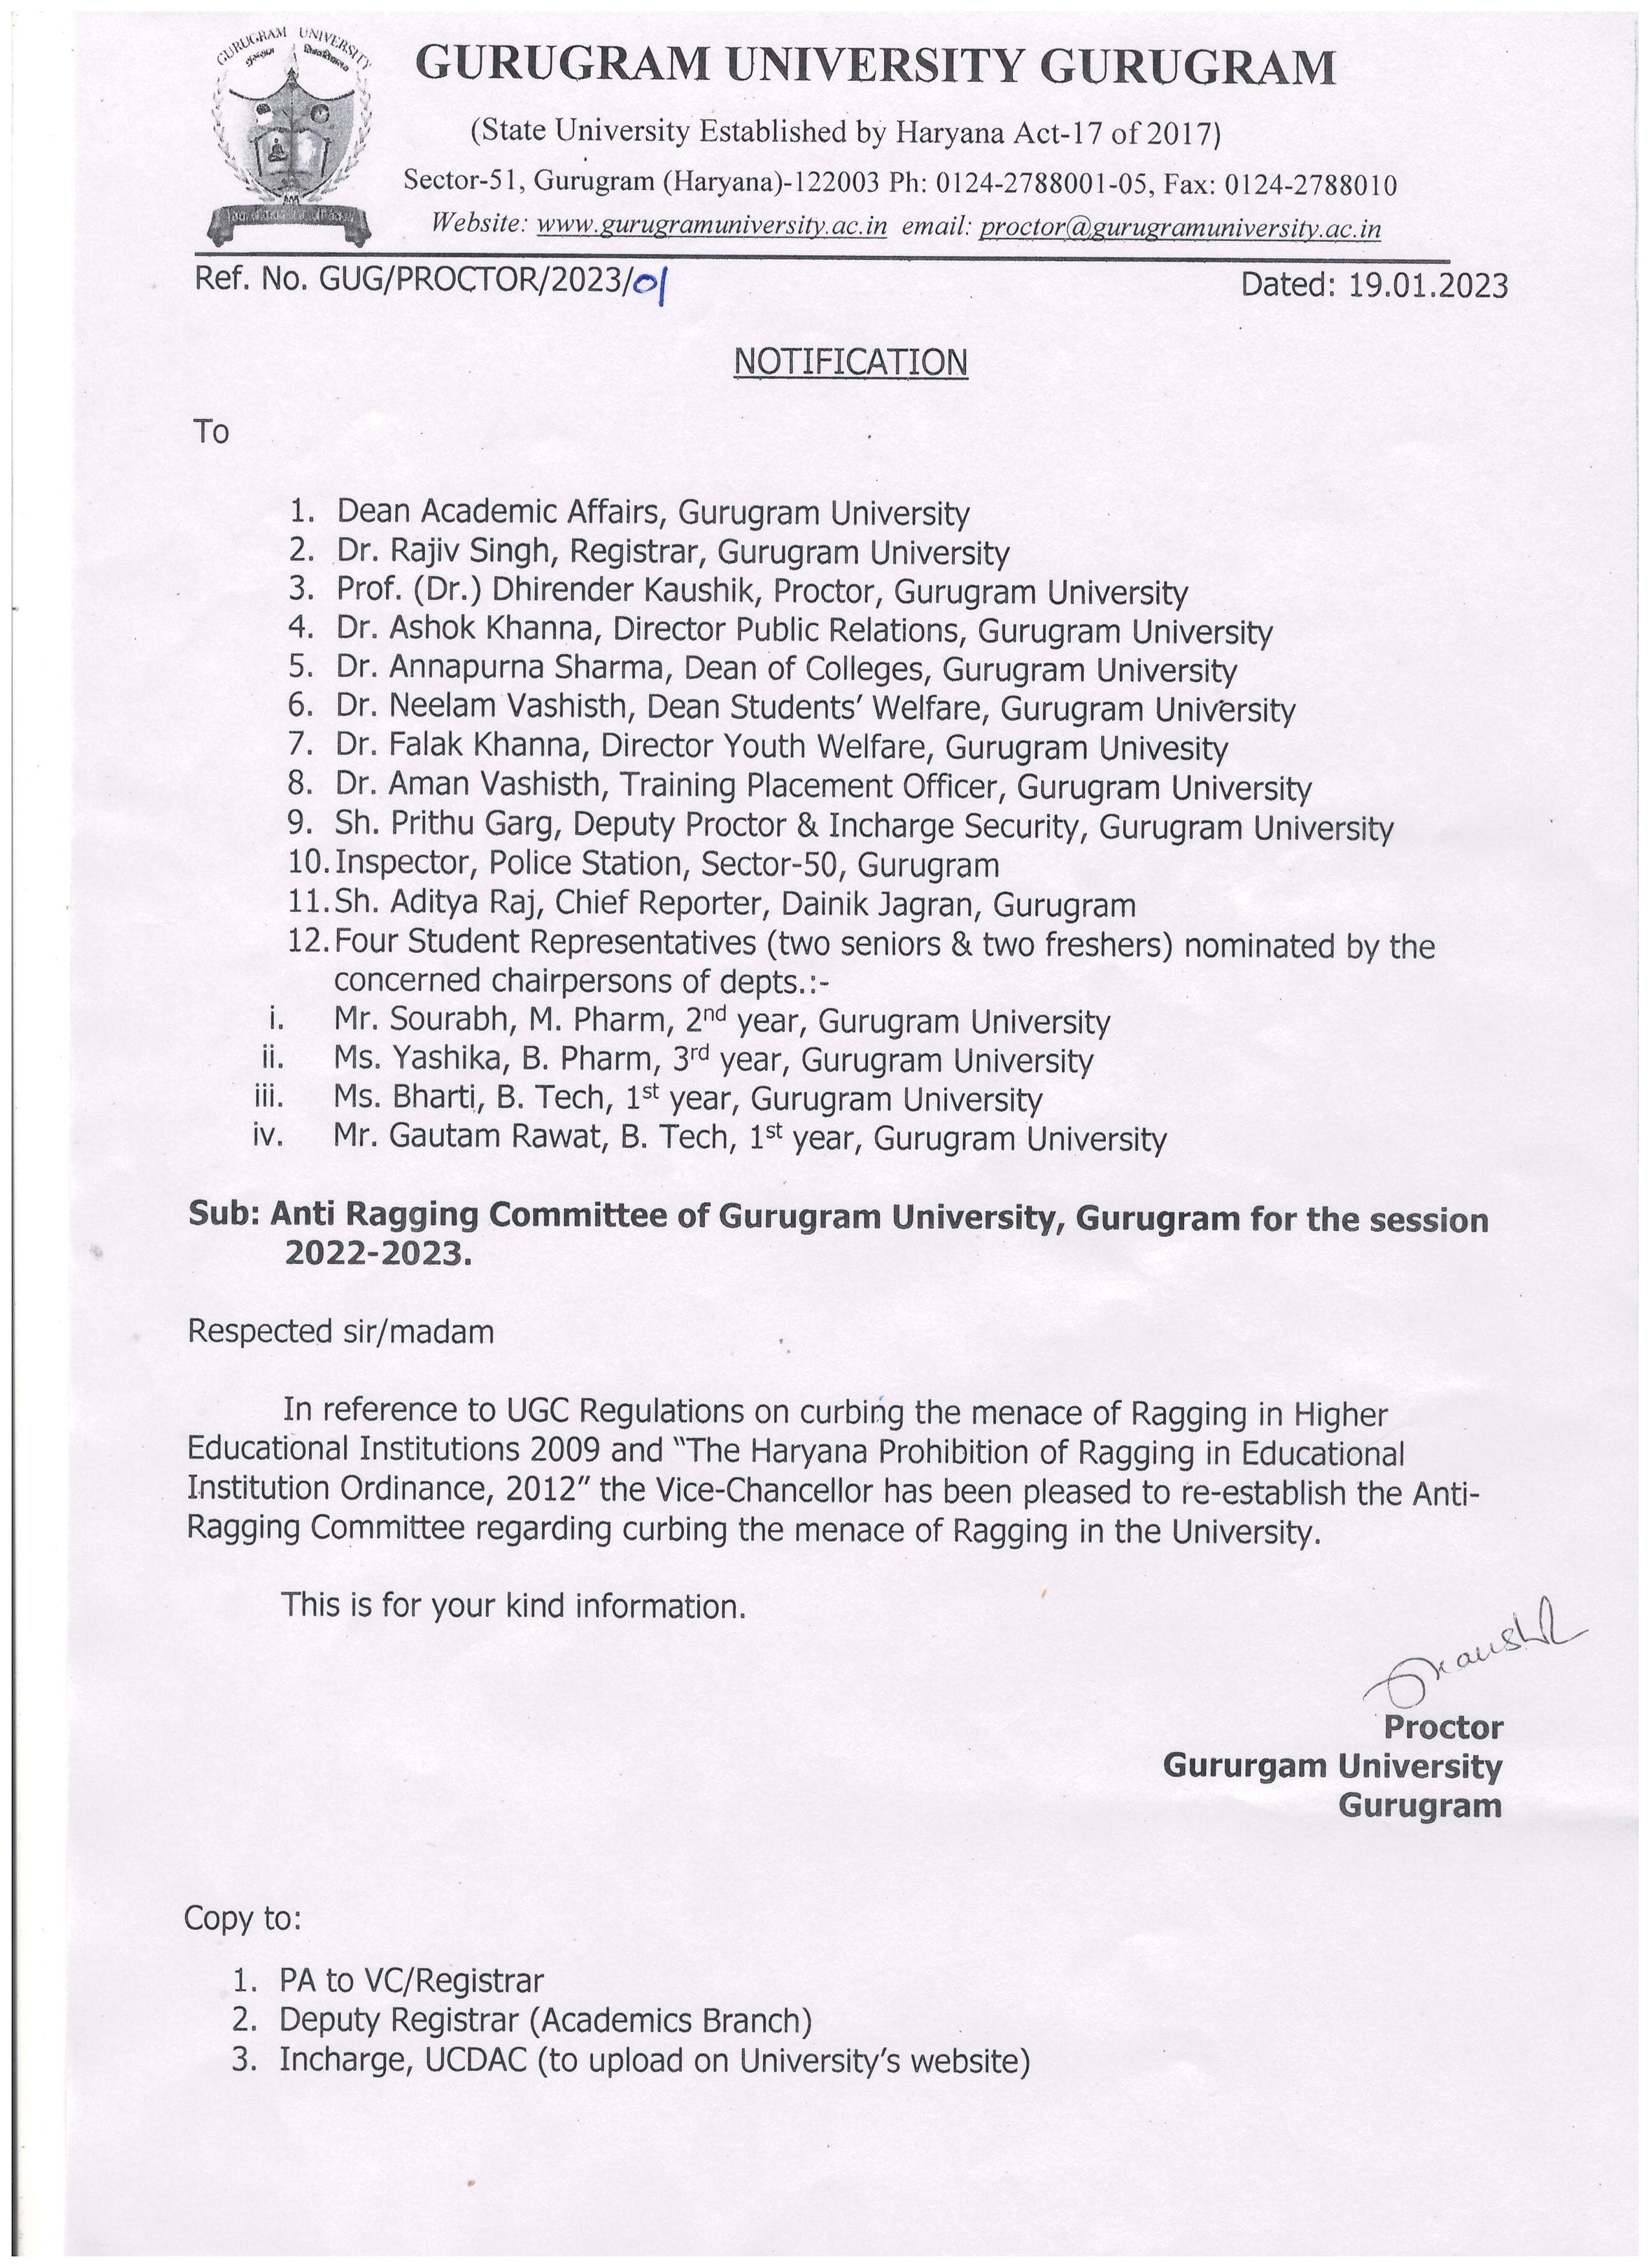 Gurugram University